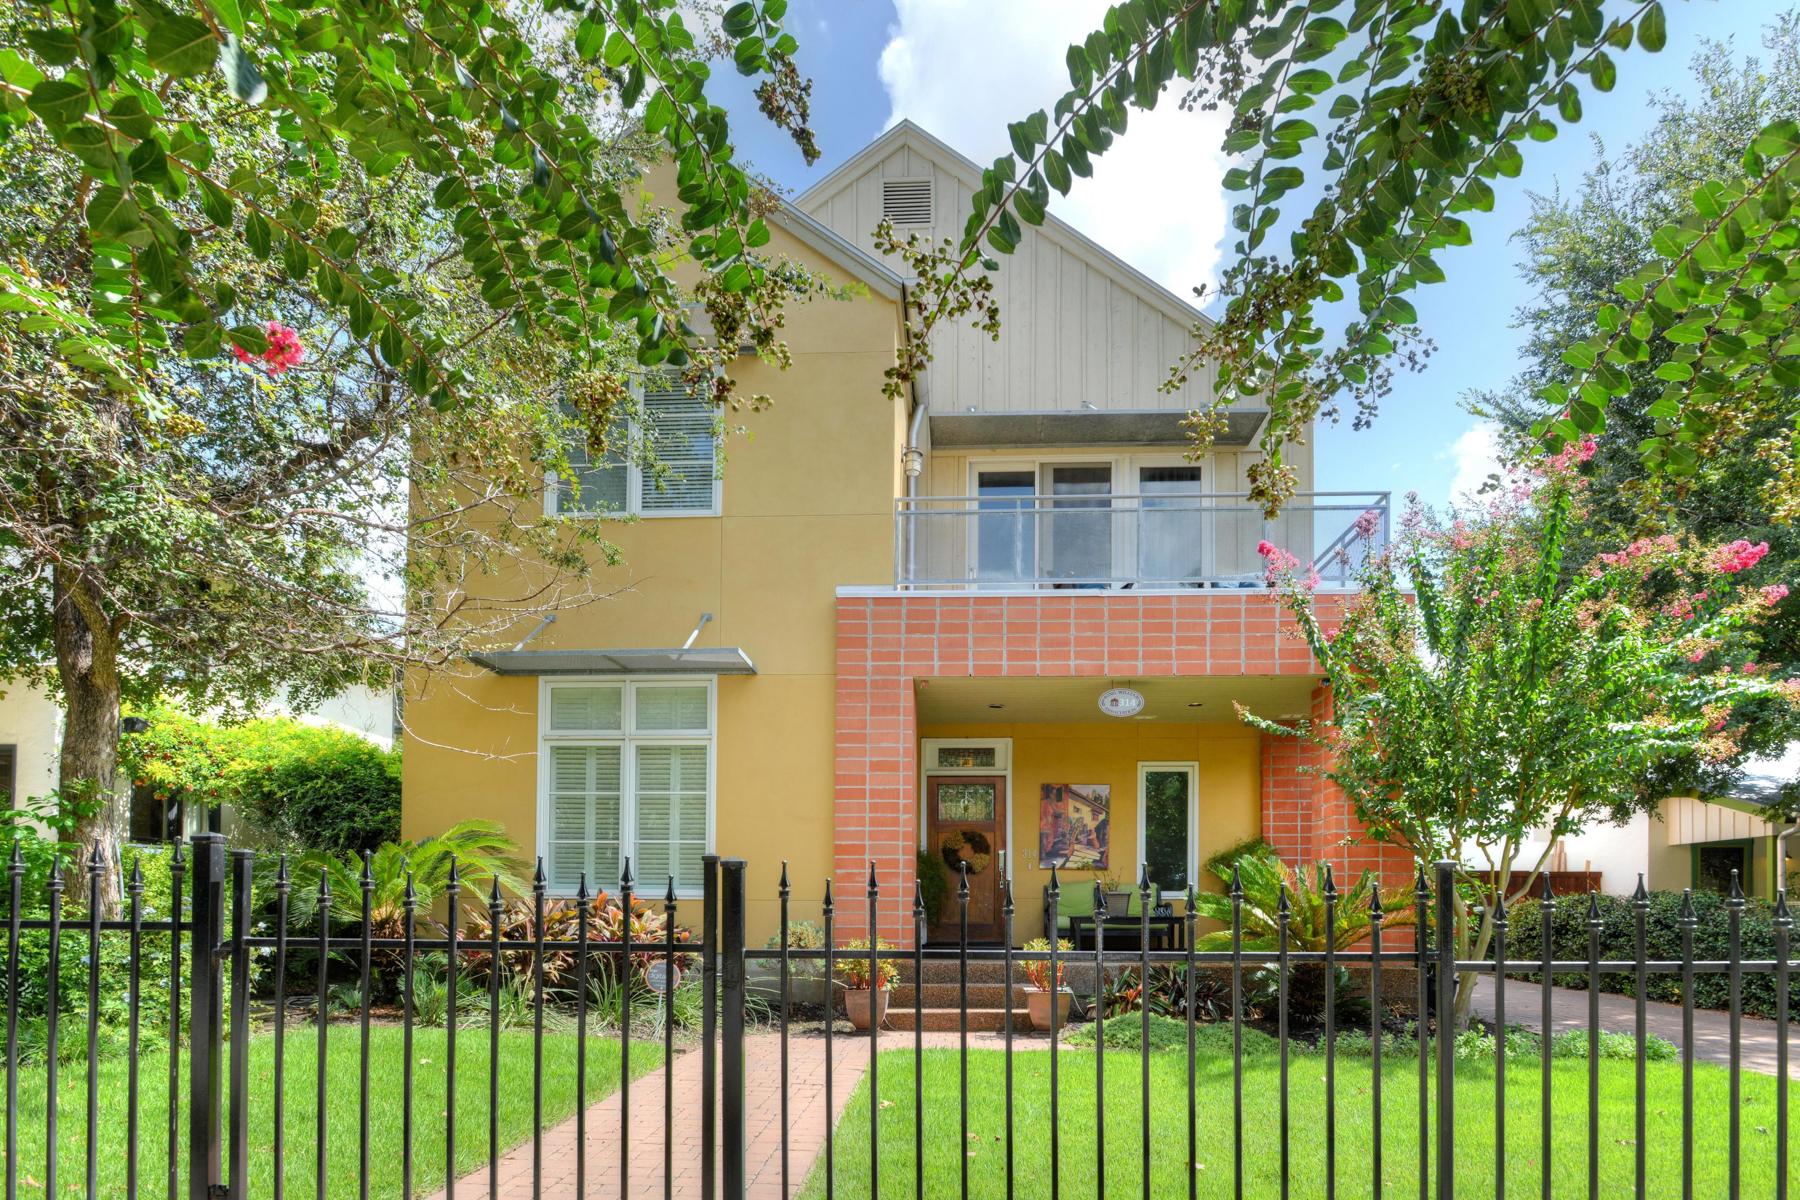 独户住宅 为 销售 在 Contemporary Living in the Heart of King William 314 Madison King William, San Antonio, 得克萨斯州 78204 美国